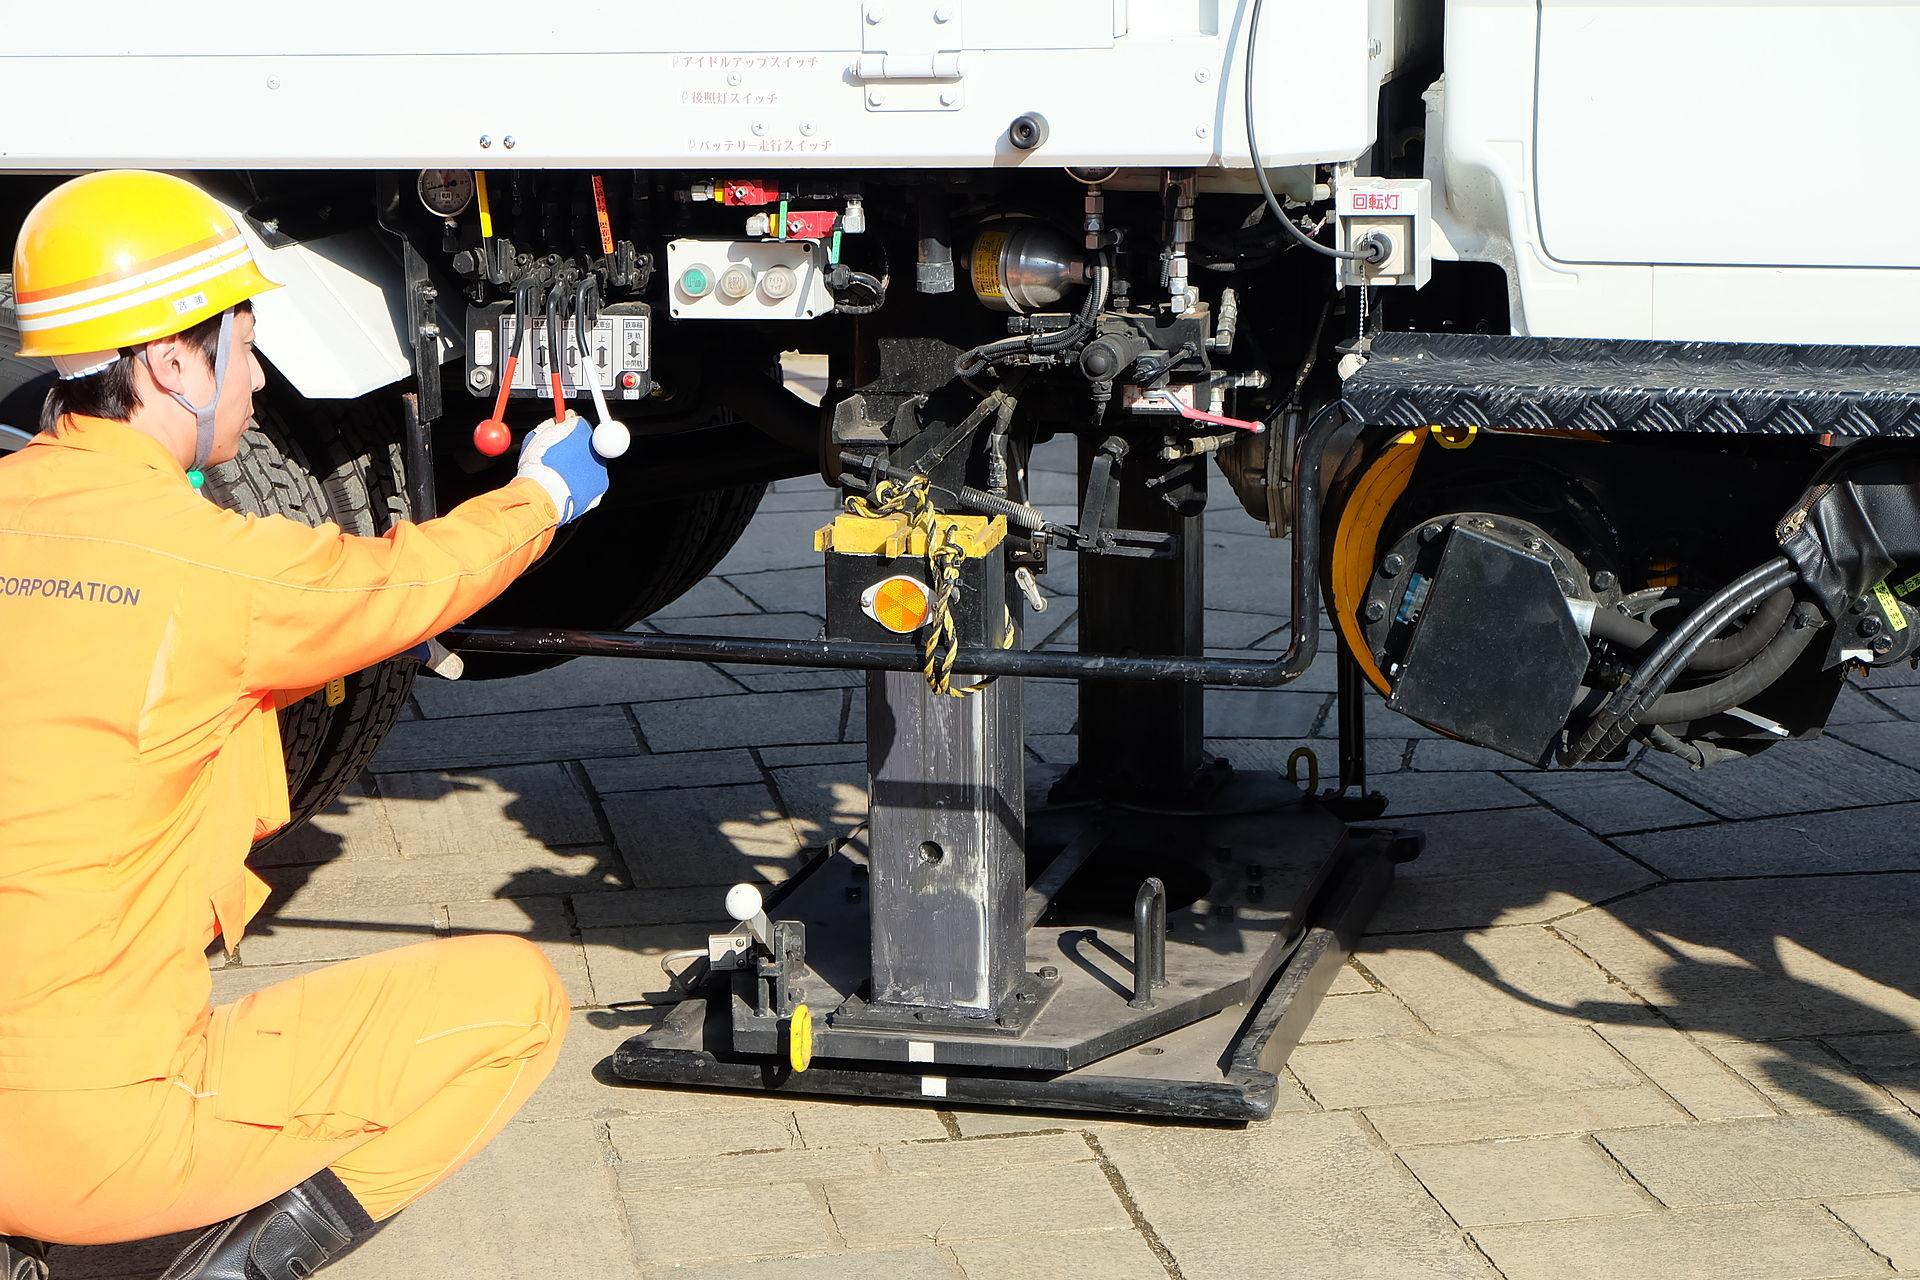 軌陸車を道路から線路に移す実演。軌陸車中央のジャッキで車体を持ち上げる。